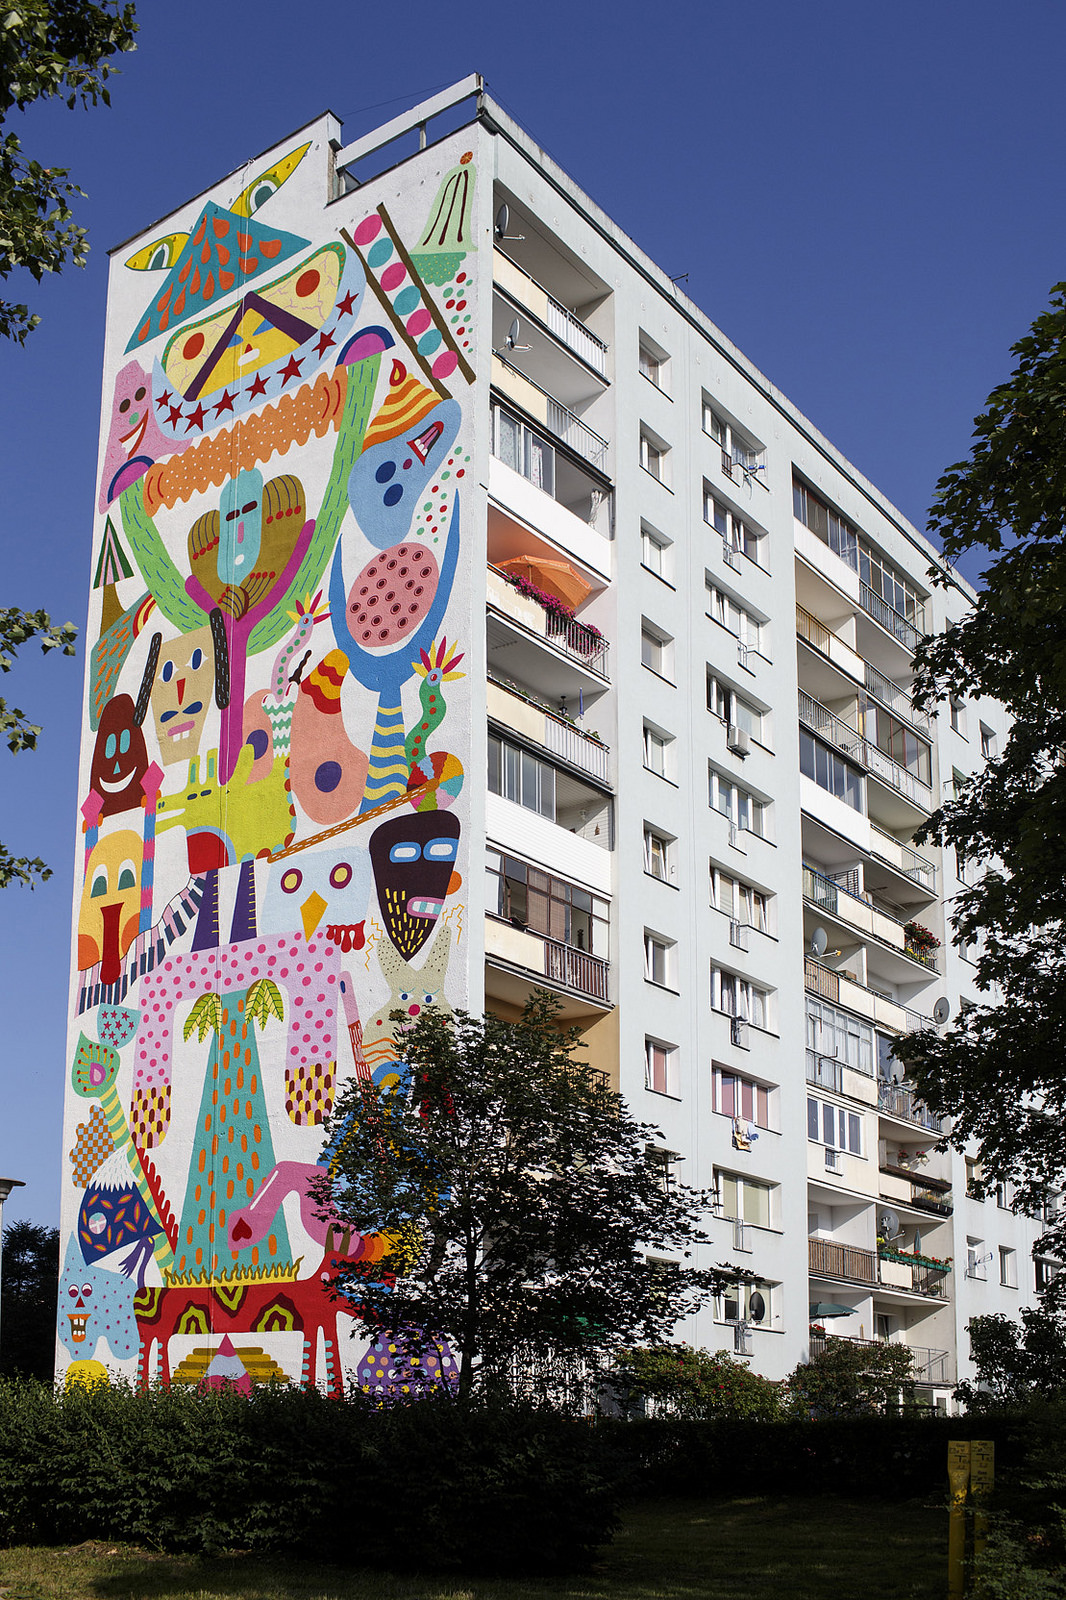 zosen-for-monumental-art-2014-02